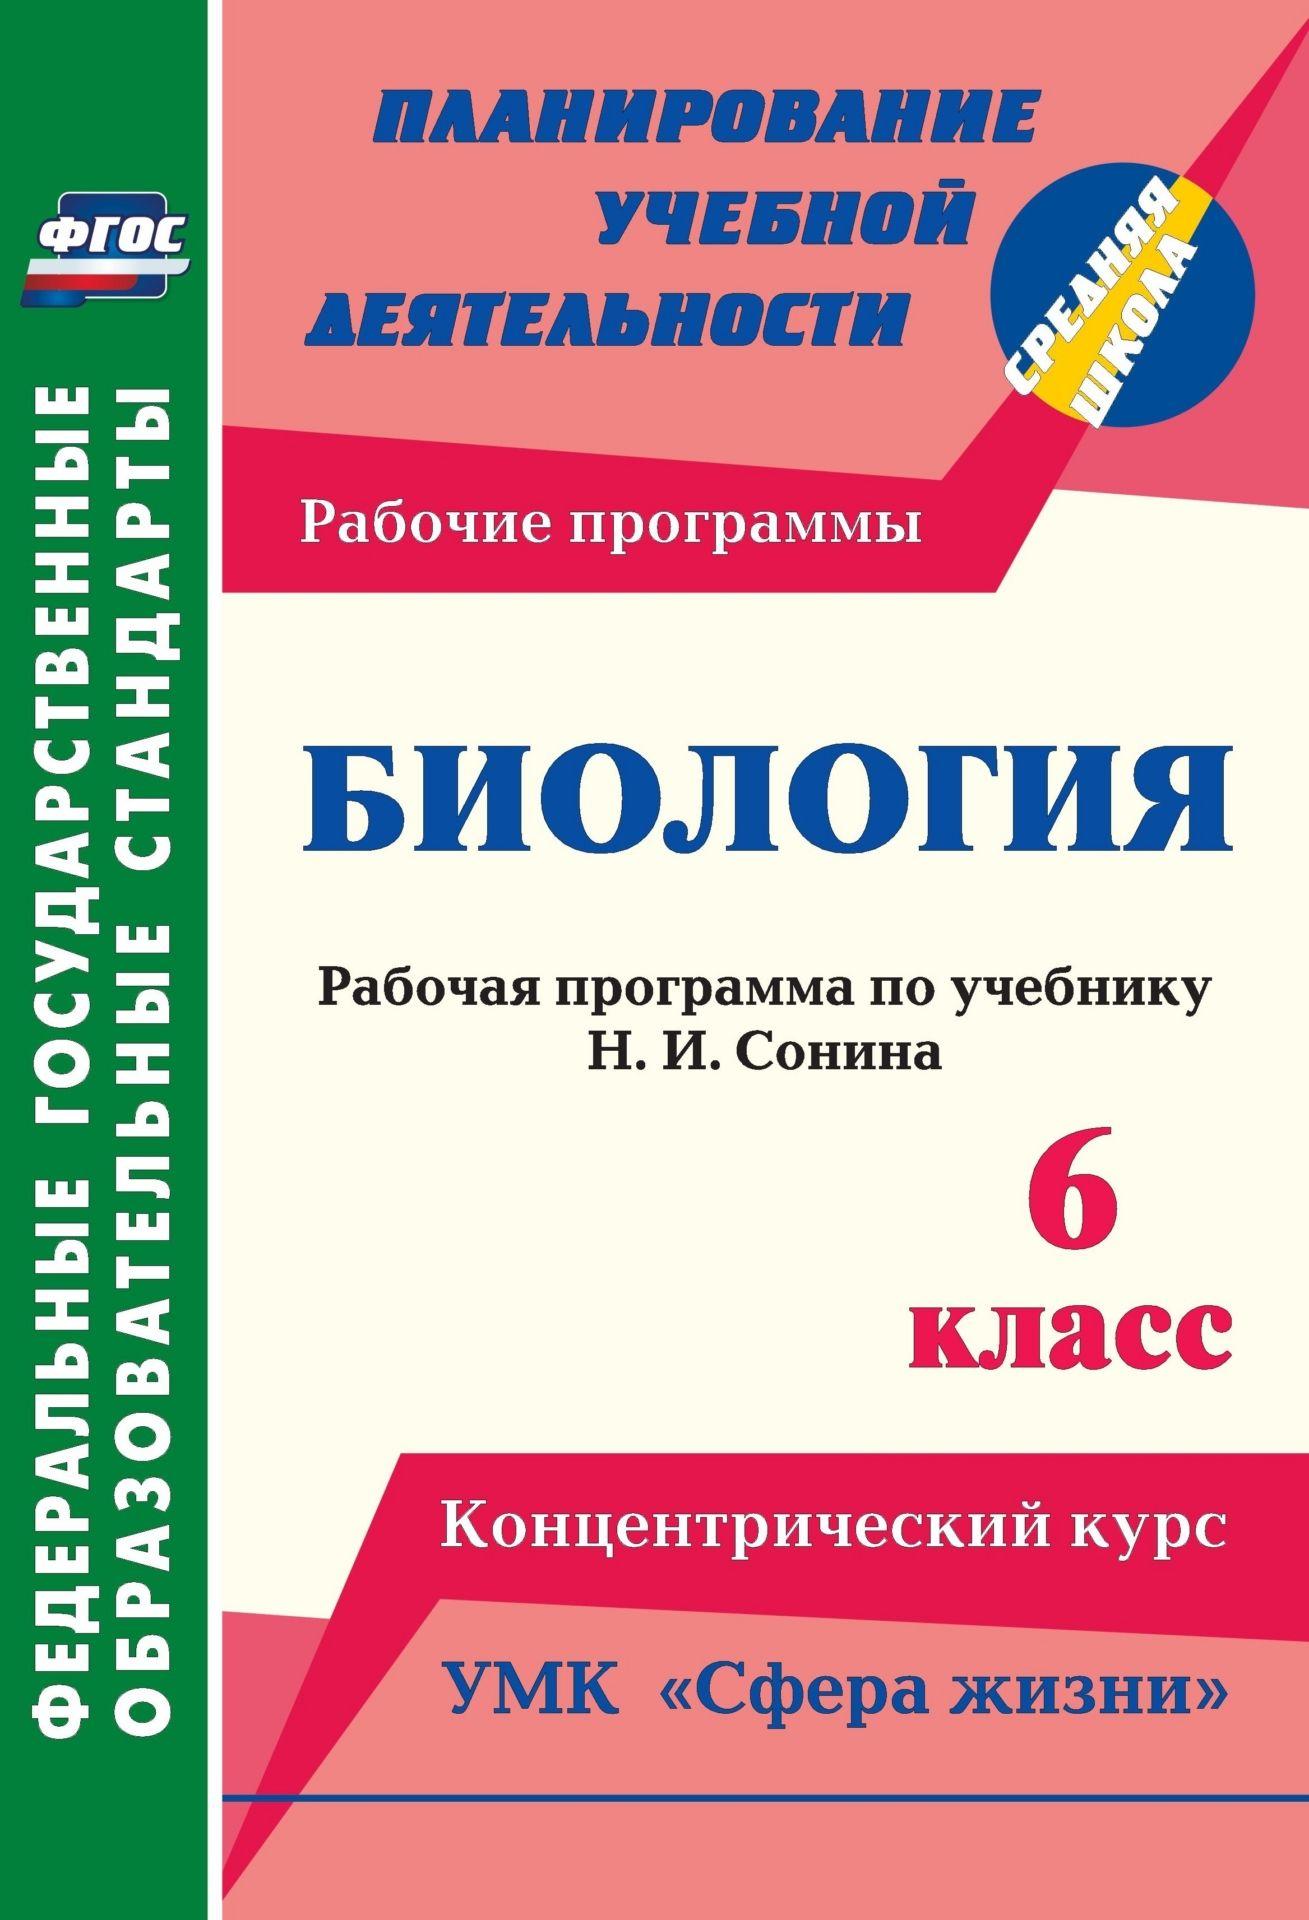 Биология. 6 класс: рабочая программа по учебнику Н. И. Сонина. УМК Сфера жизни. Концентрический курс